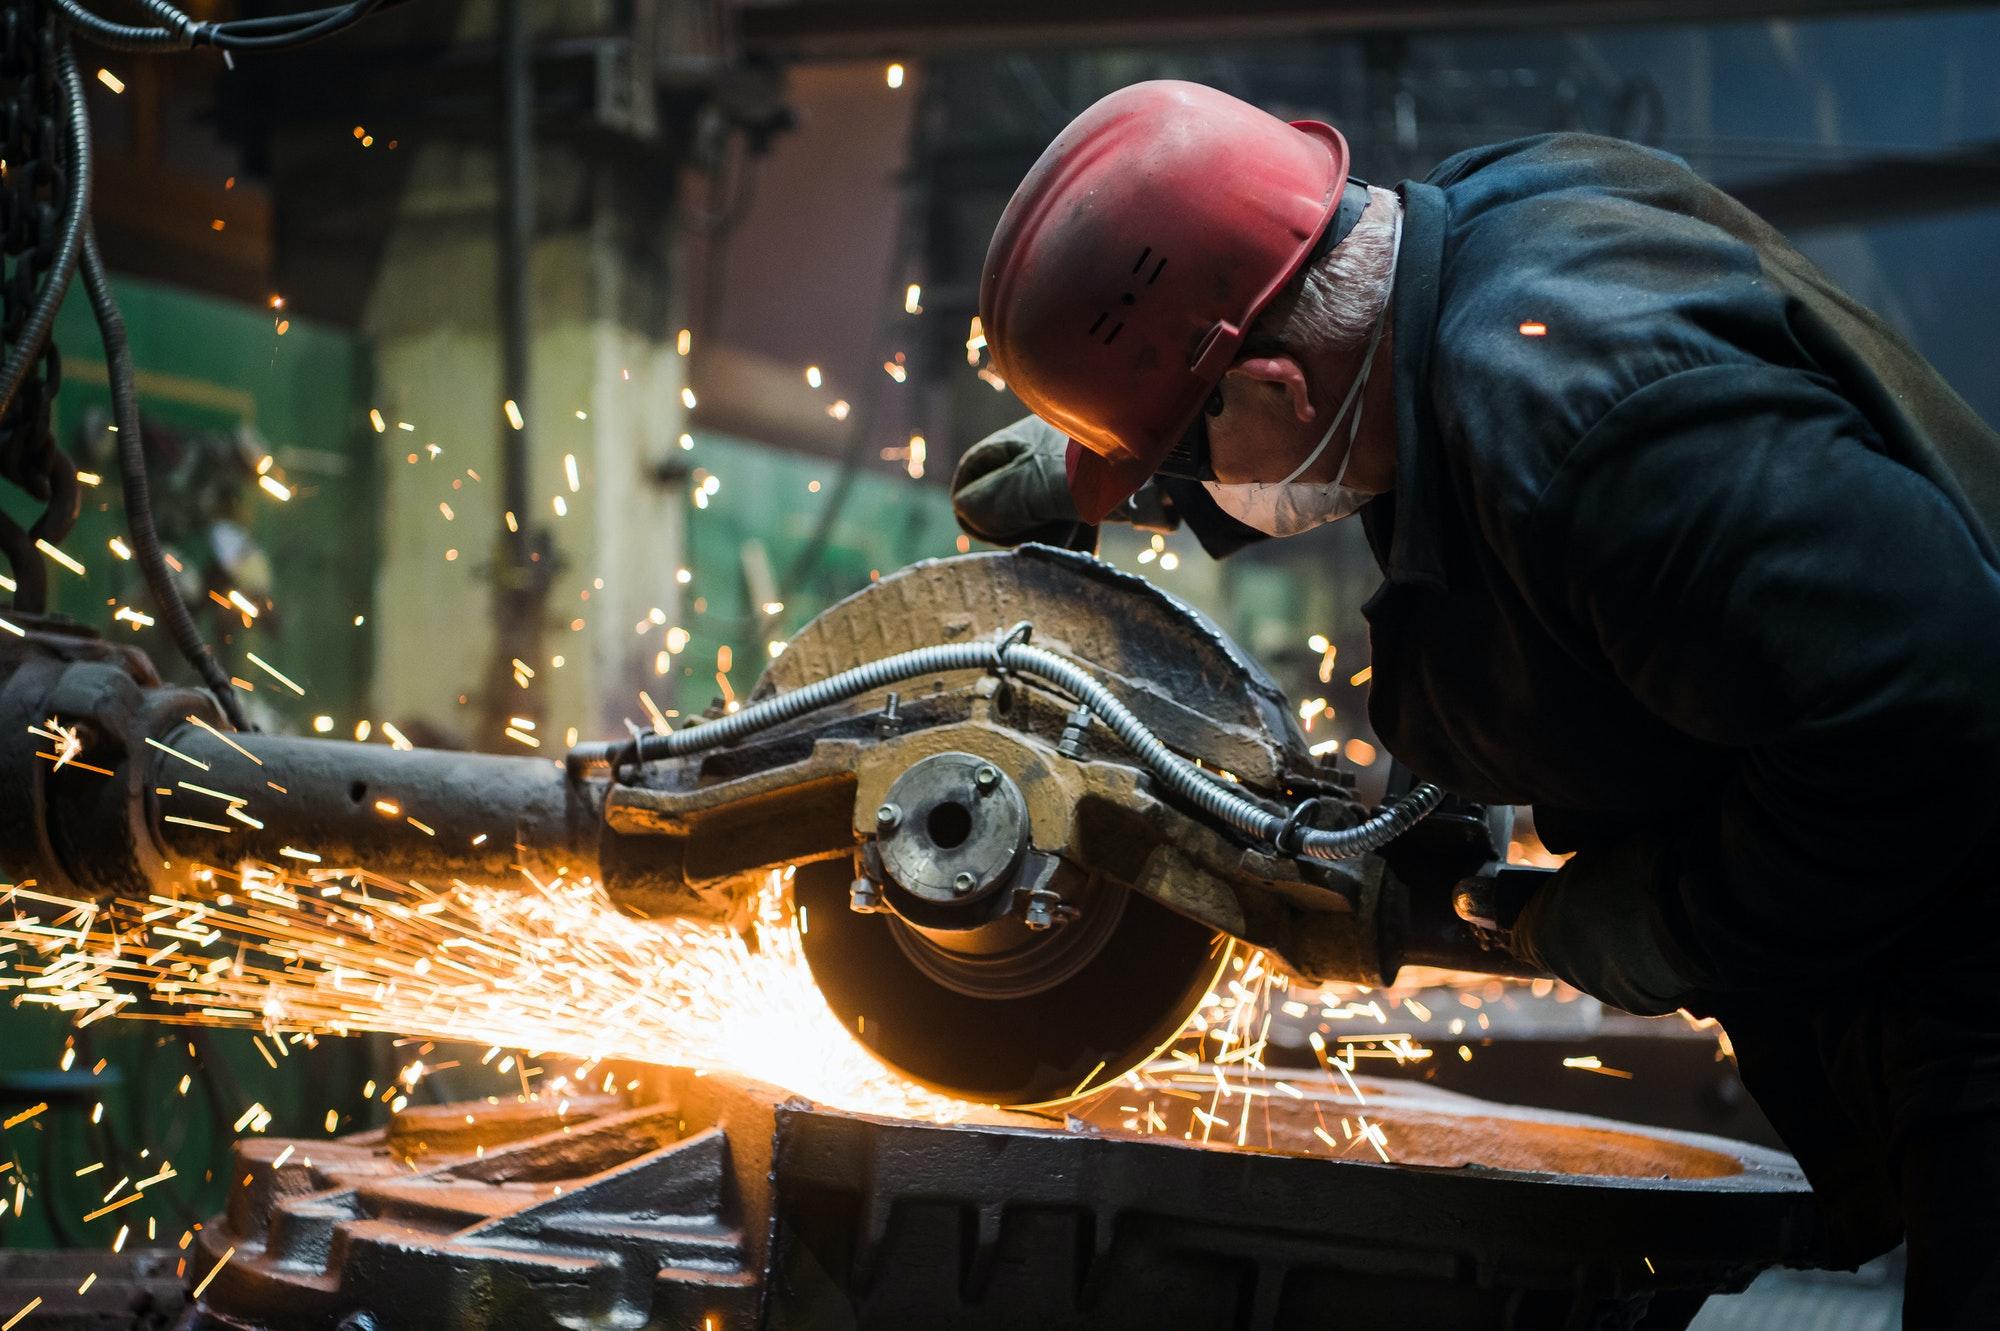 Worker grinding metal, metal grinding machine with sparks, metal sawing